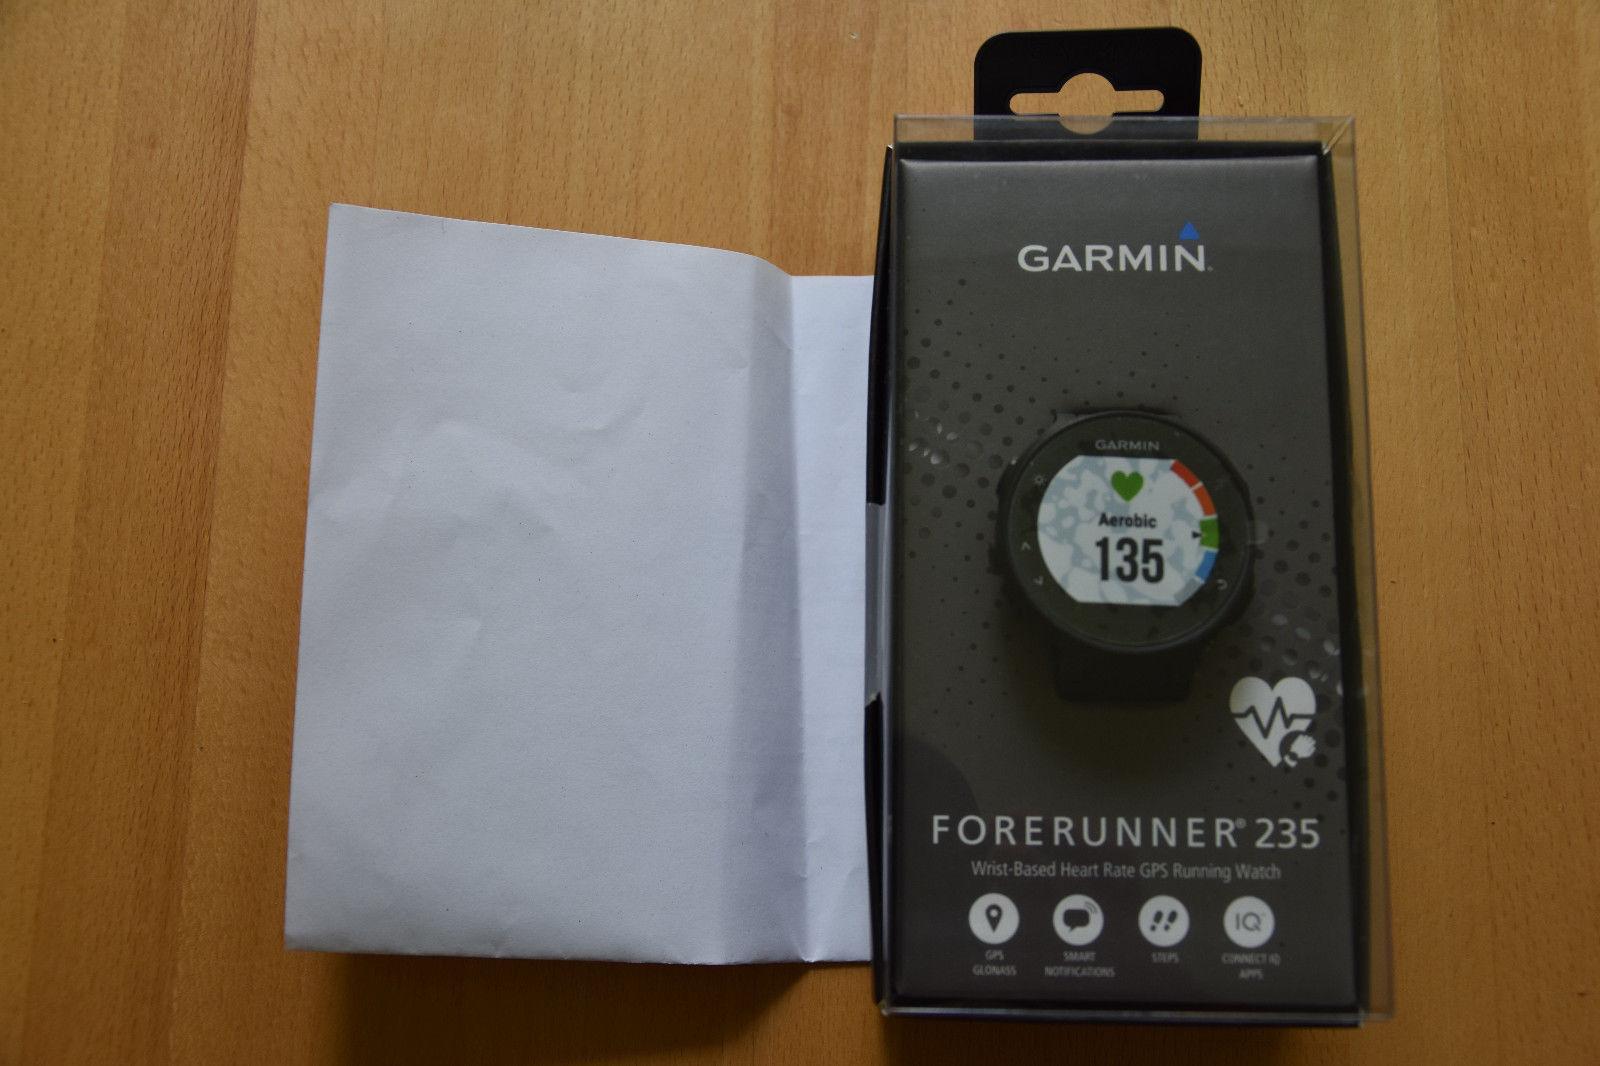 Garmin Forerunner 235, schwarz - NEU und ovp - UVP 349 € incl. Rg. vom 17.08.17